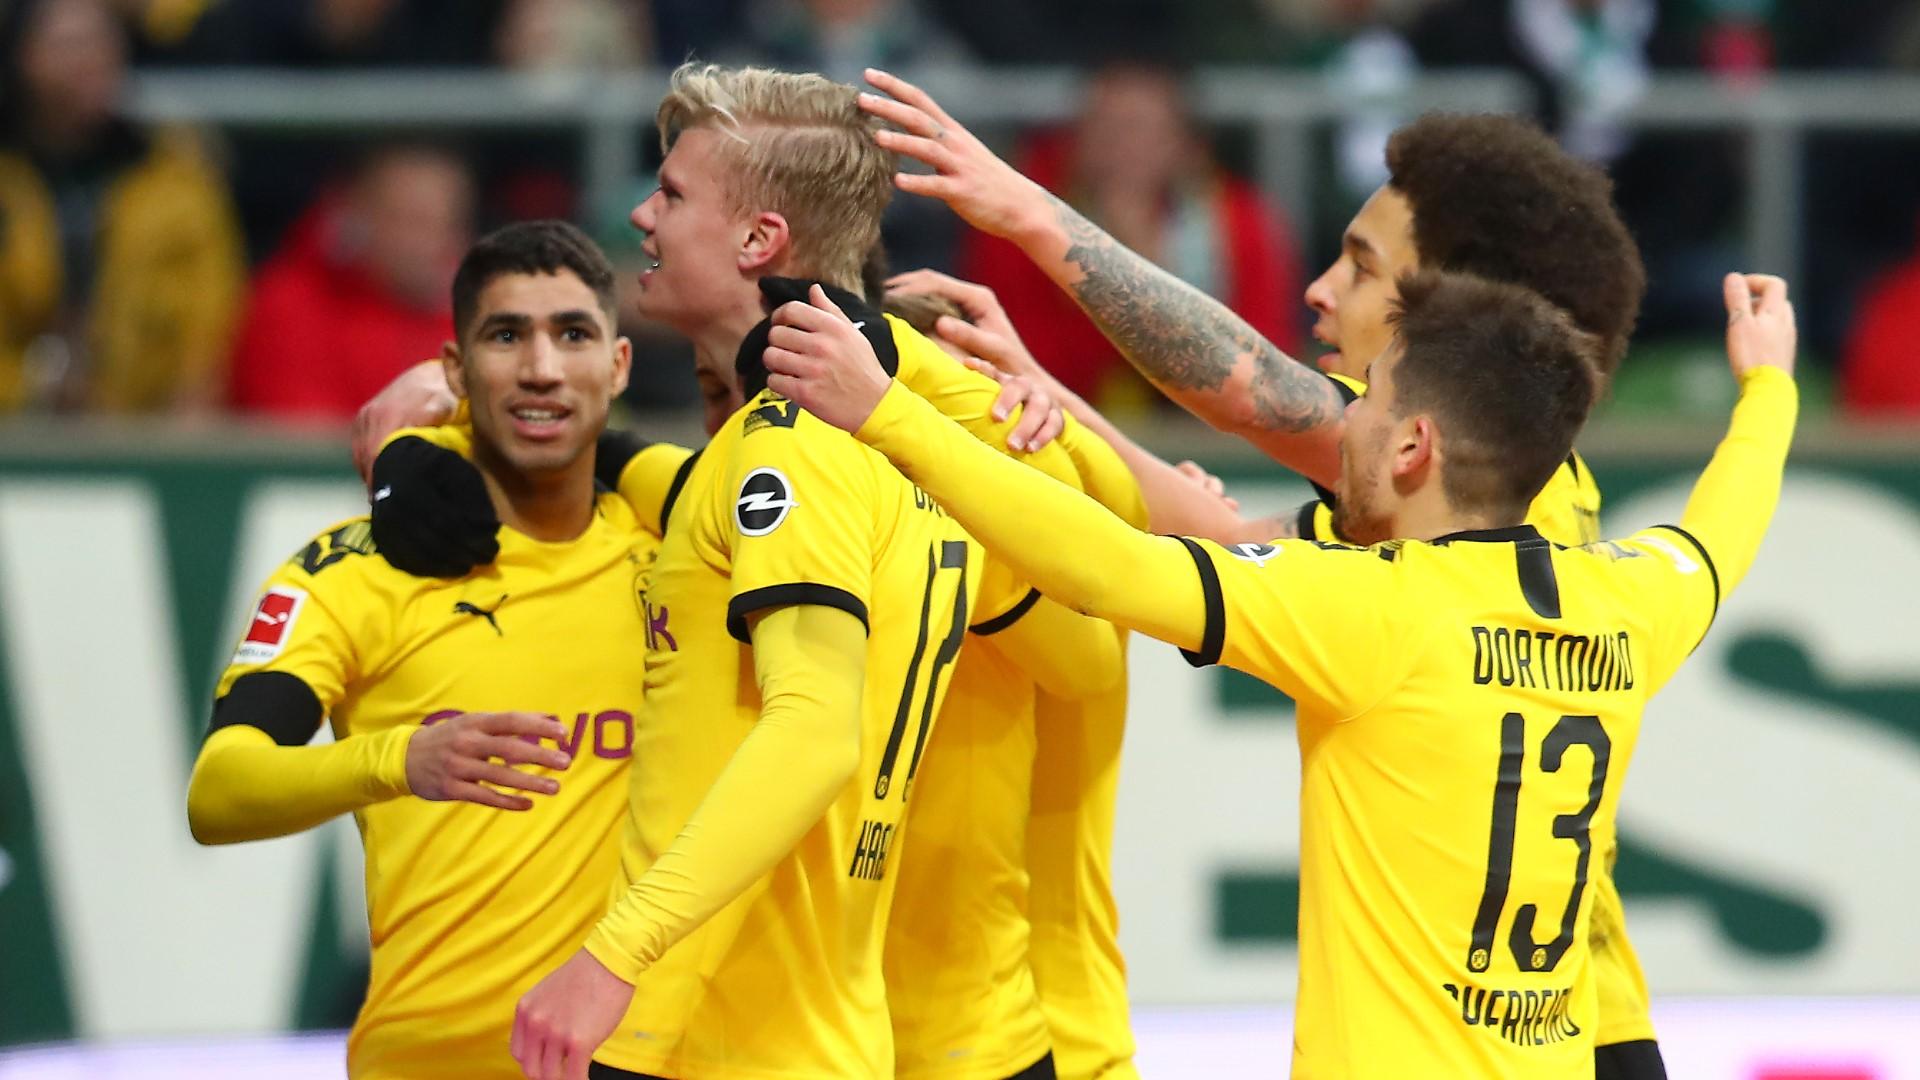 Werder Brême - Borussia Dortmund (0-2), Haaland et le Borussia enchainent